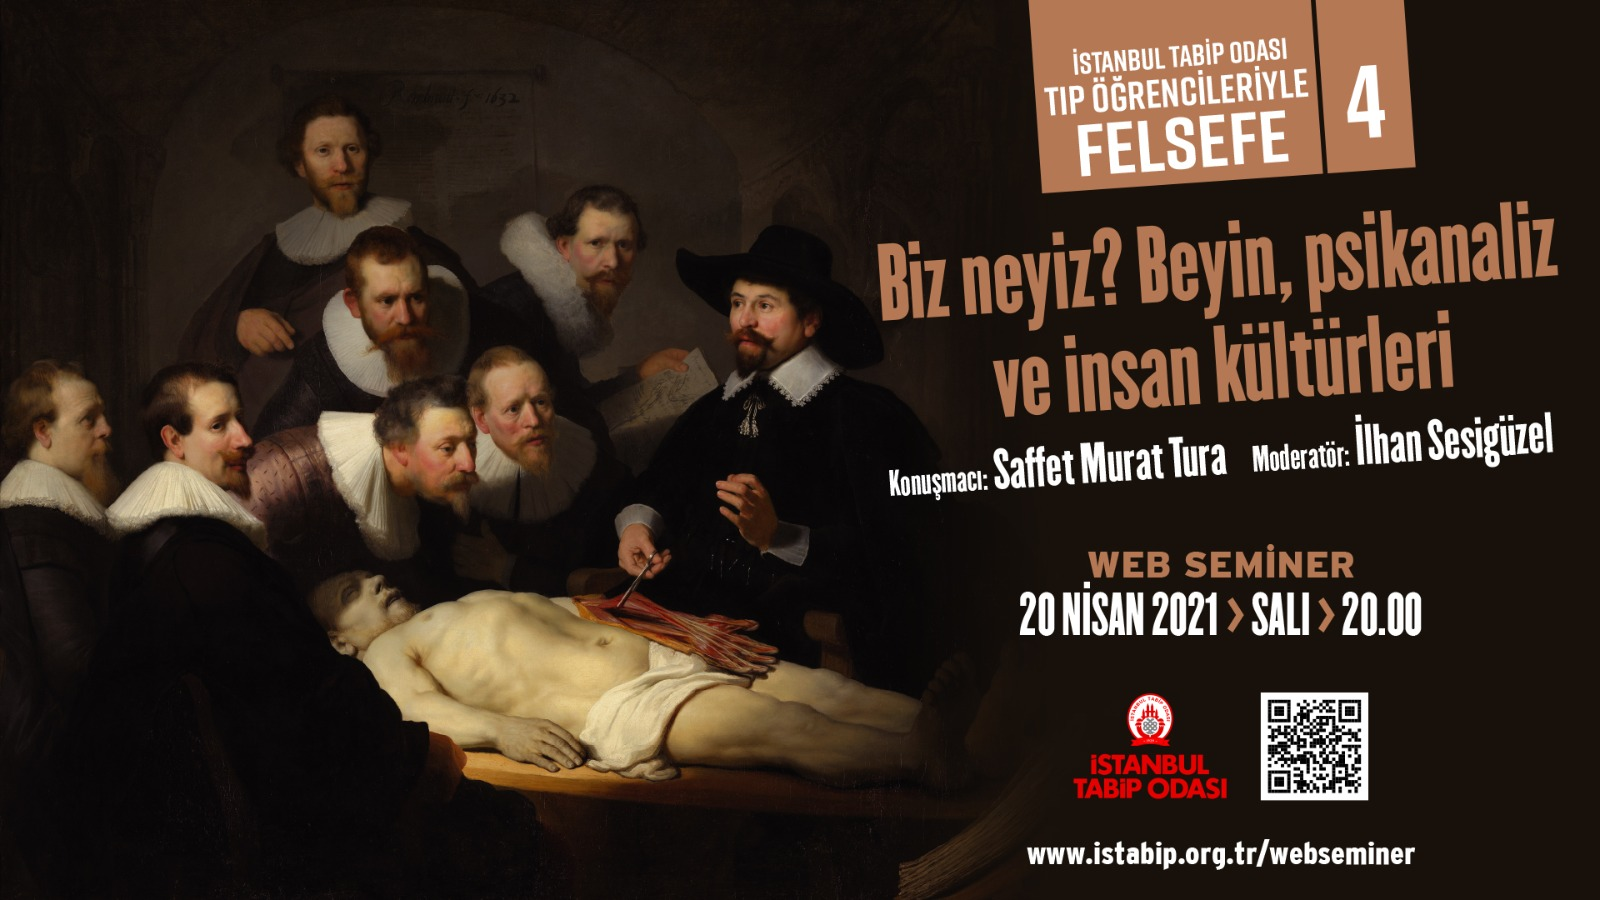 Web-seminer 20 Nisan: Tıp Öğrencileriyle Felsefe 4: Biz Neyiz? Beyin, Psikanaliz ve İnsan Kültürleri